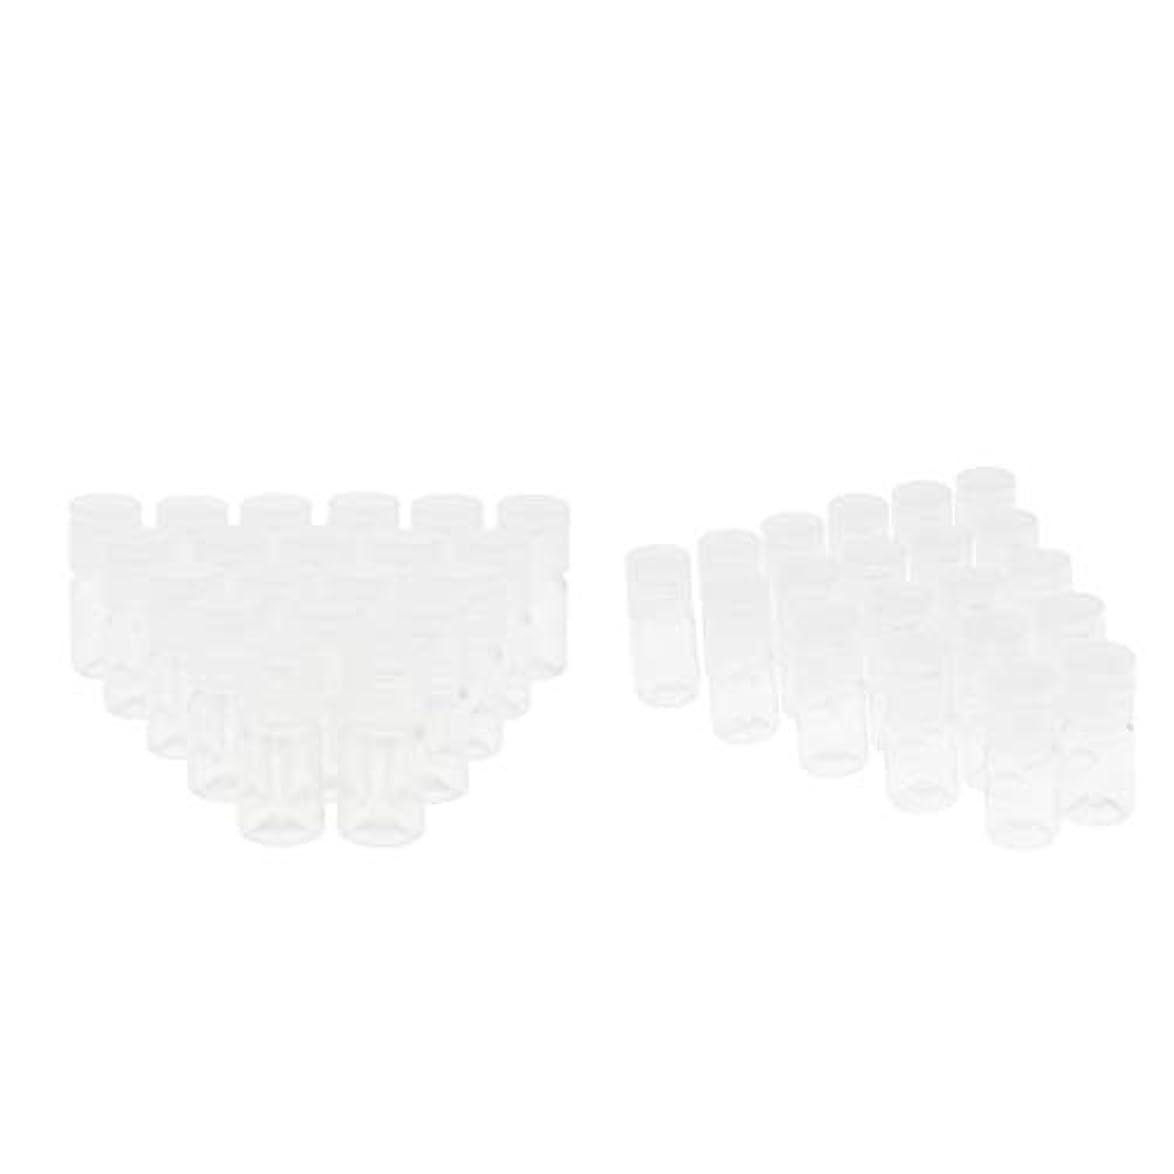 制限されたギャロップ組み合わせHellery 化粧品ボトル 液体容器 5ml 携帯便利 約40個